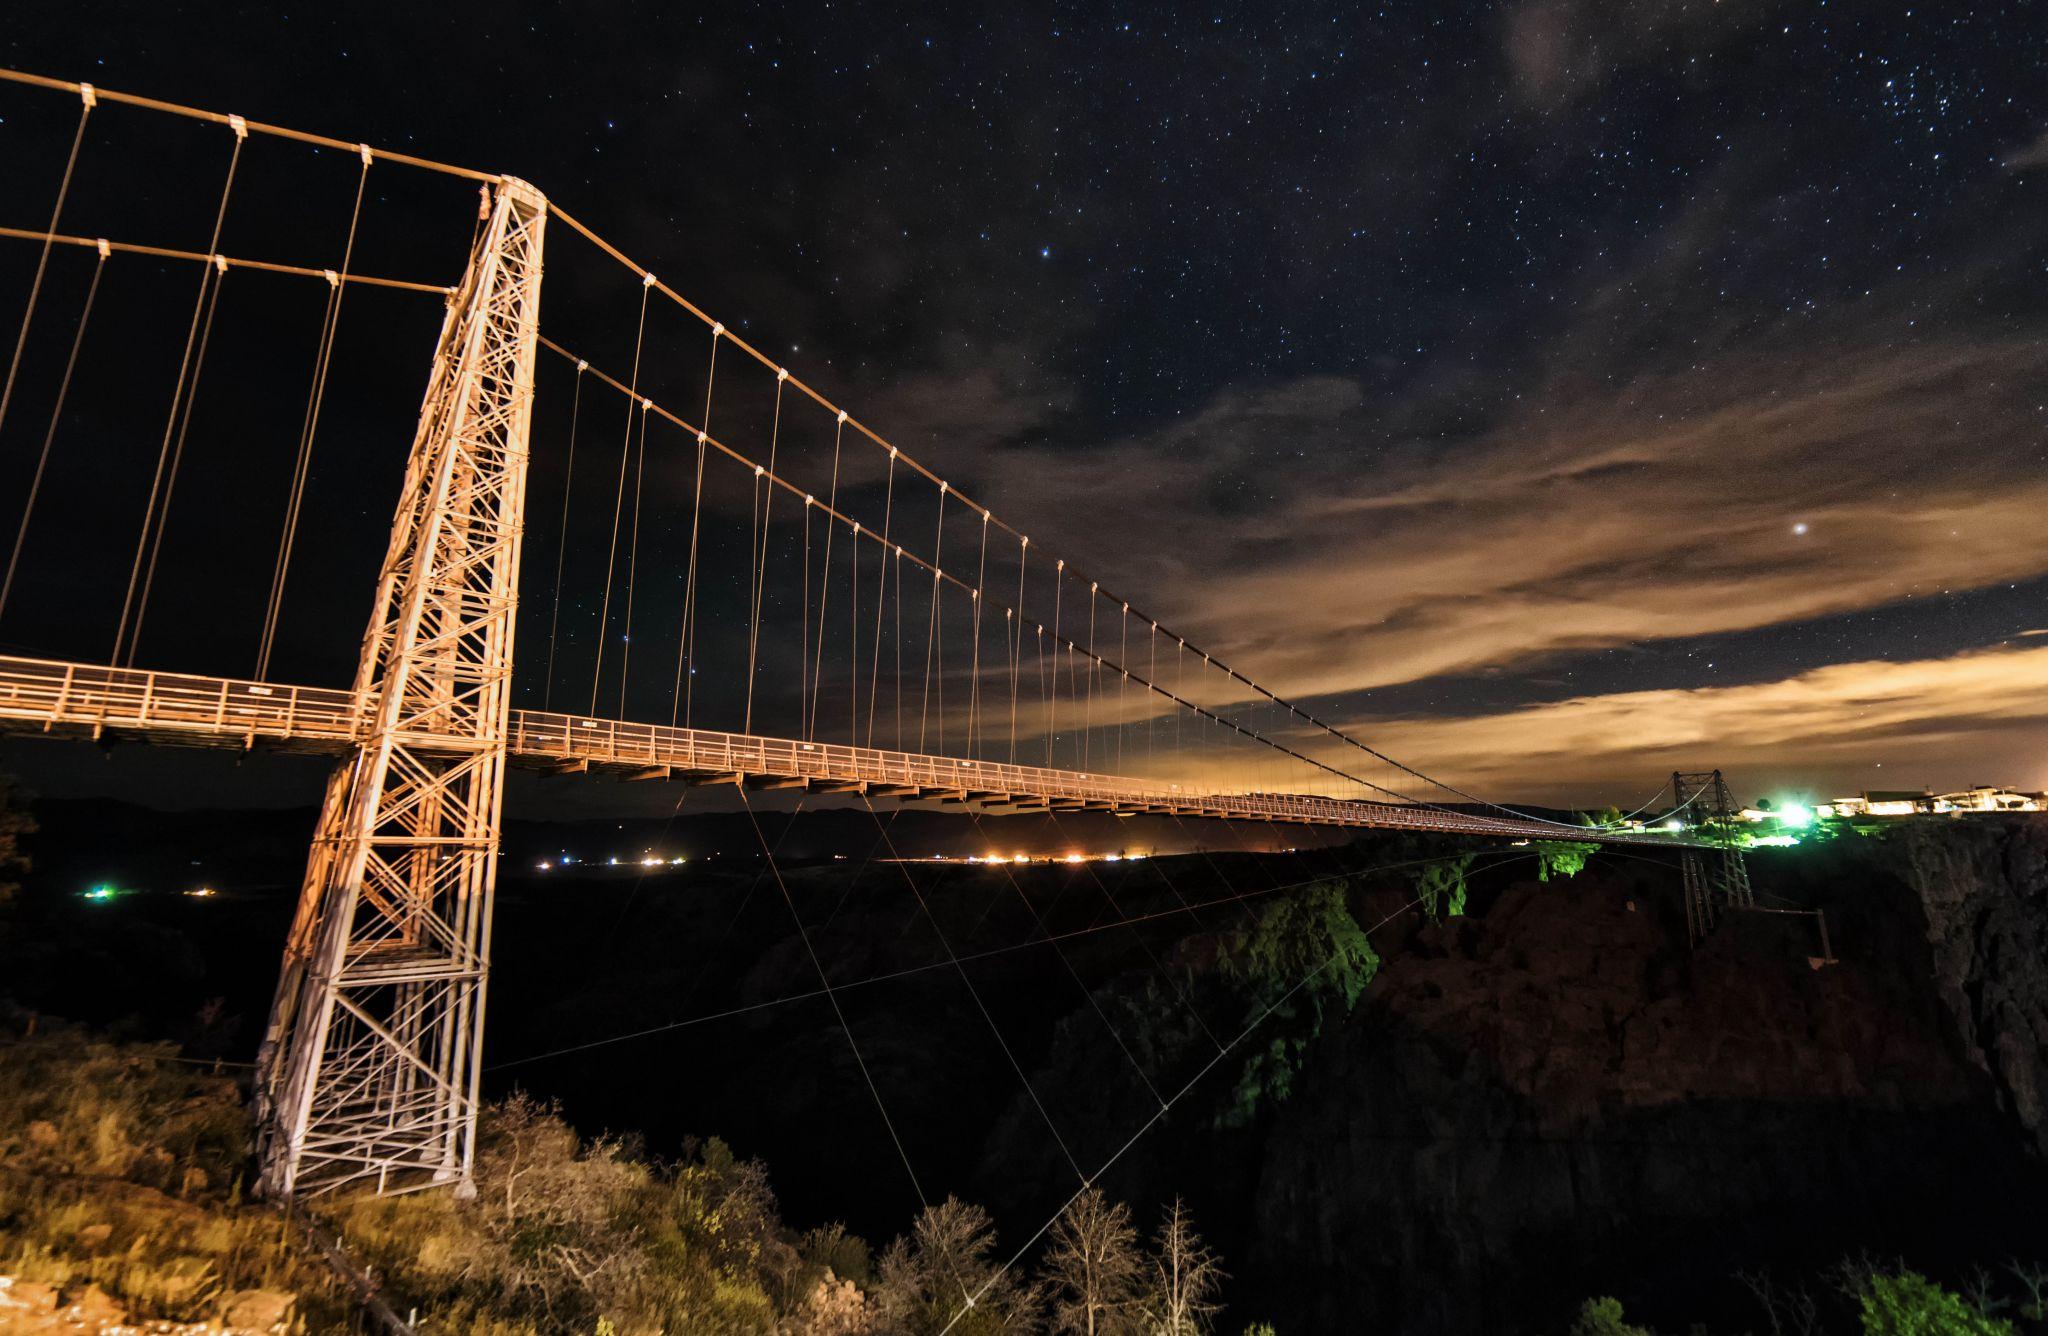 Royal Gorge Bridge, USA